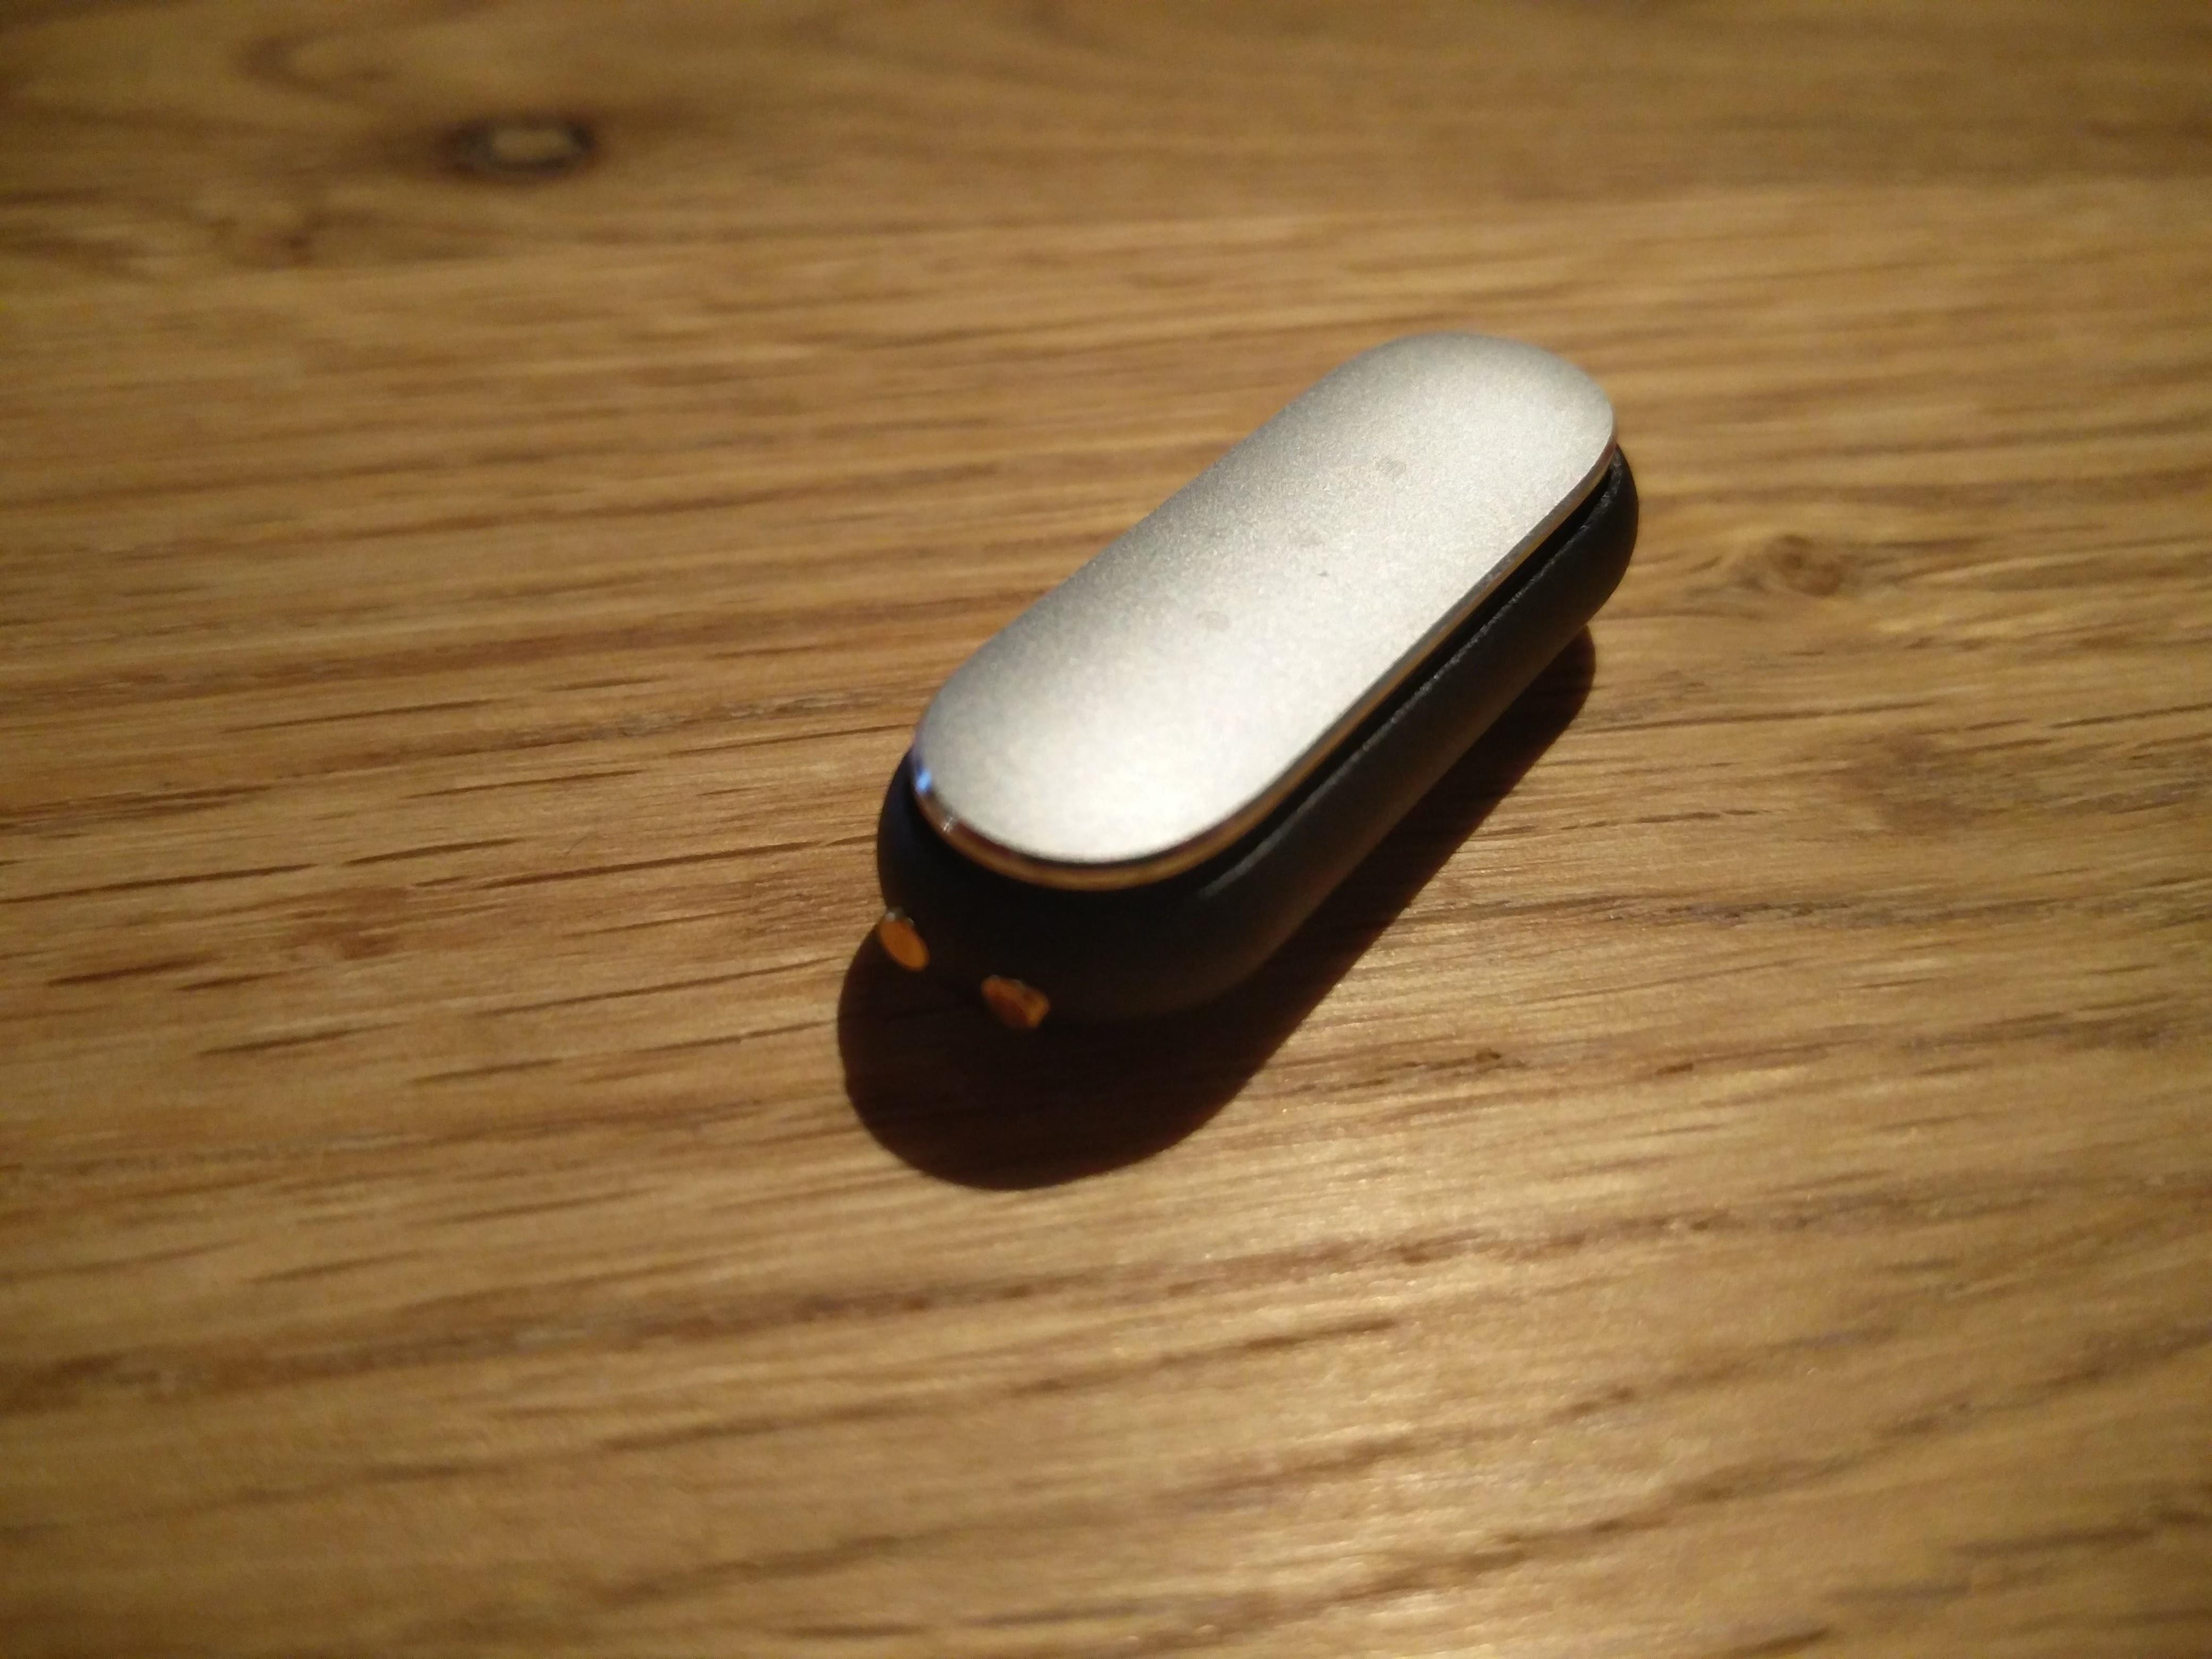 本体はボタンすら無いシンプルさ。表面はLEDが3つ。横に充電端子、というめっちゃシンプルな構造。